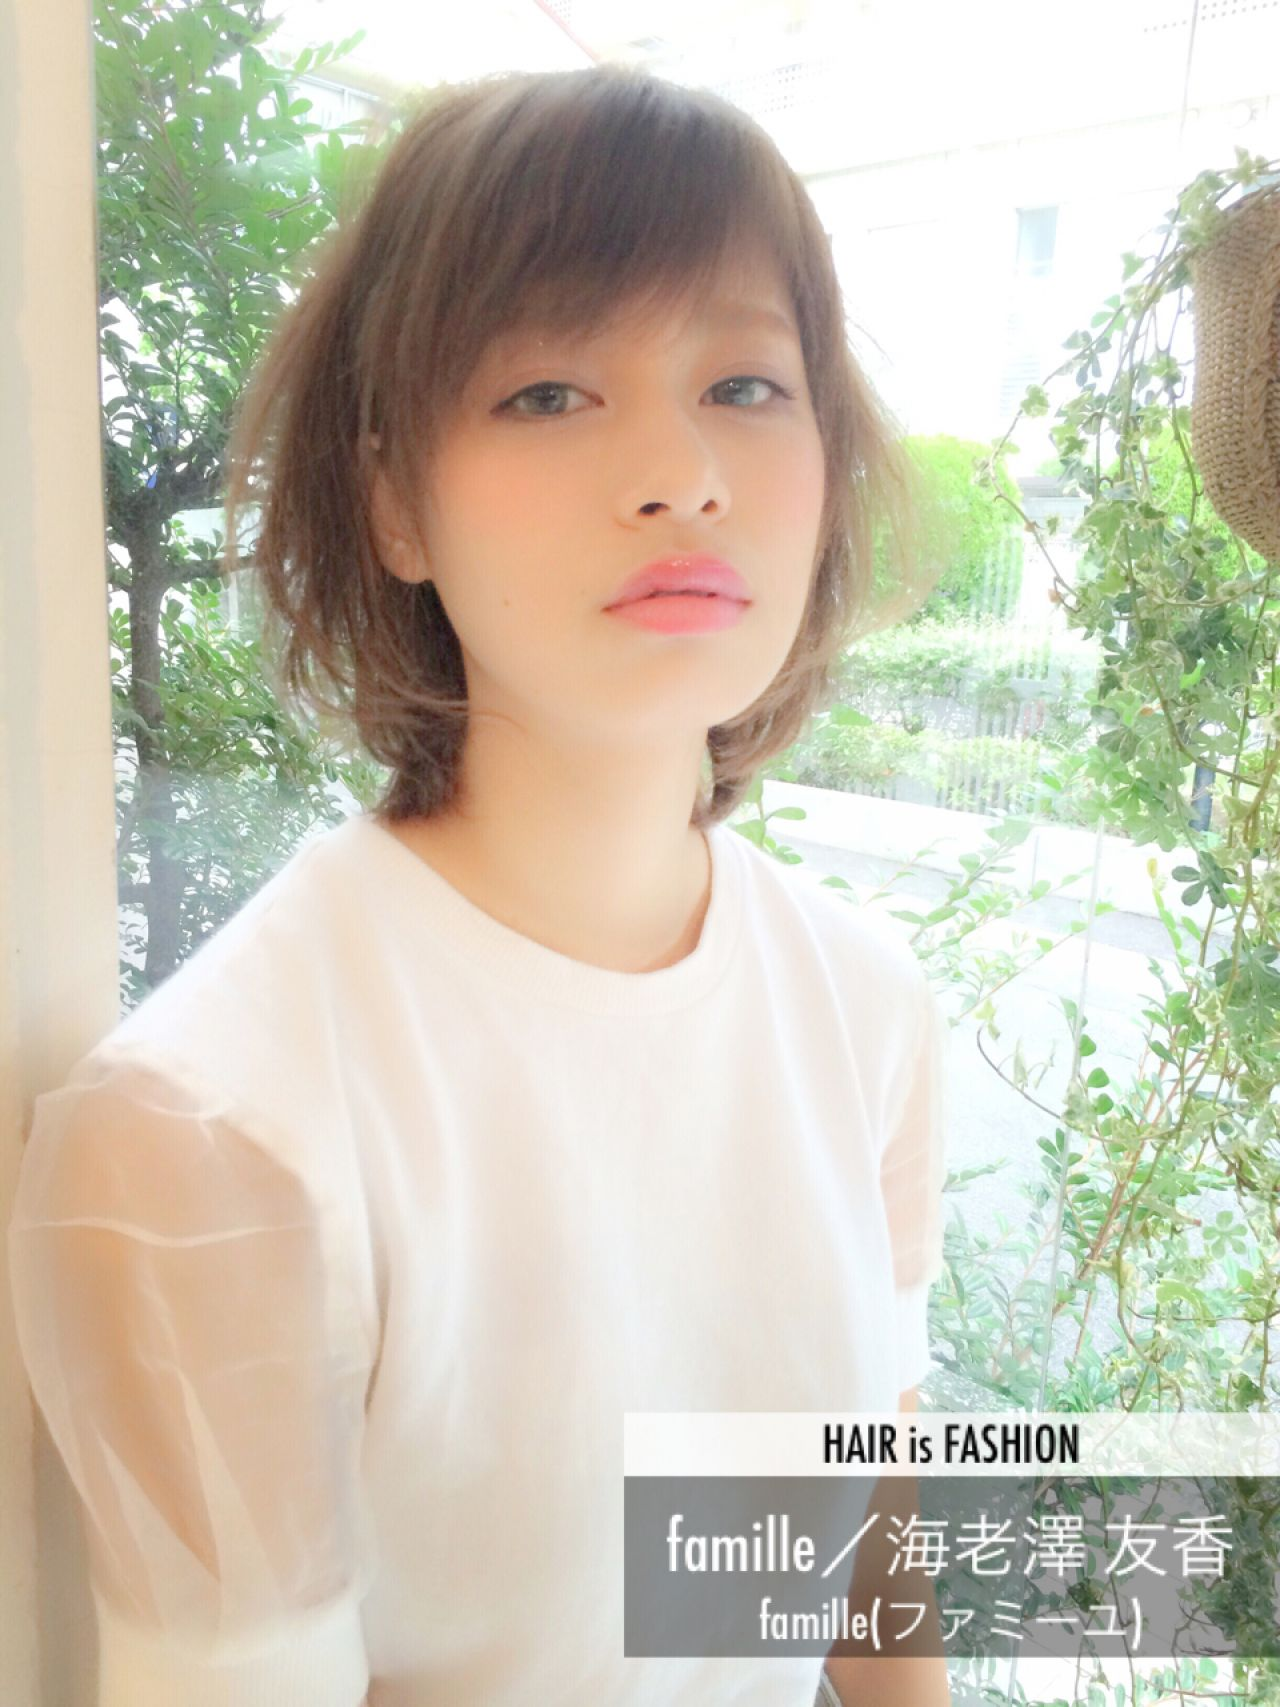 モテ髪 フェミニン ボブ ショート ヘアスタイルや髪型の写真・画像